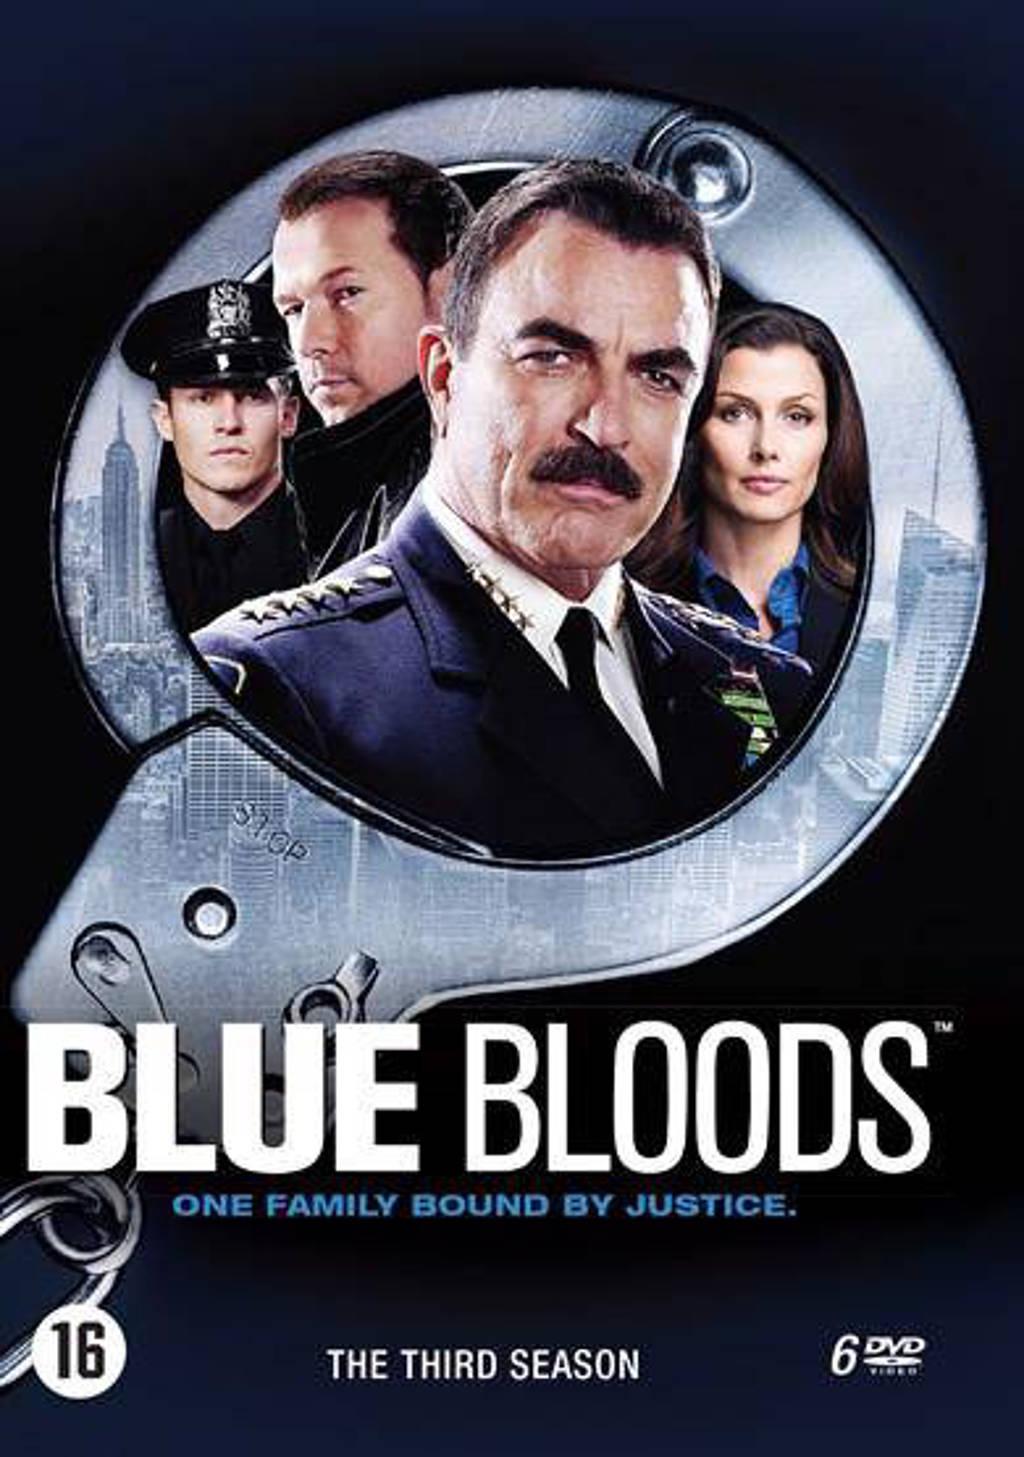 Blue bloods - Seizoen 3 (DVD)